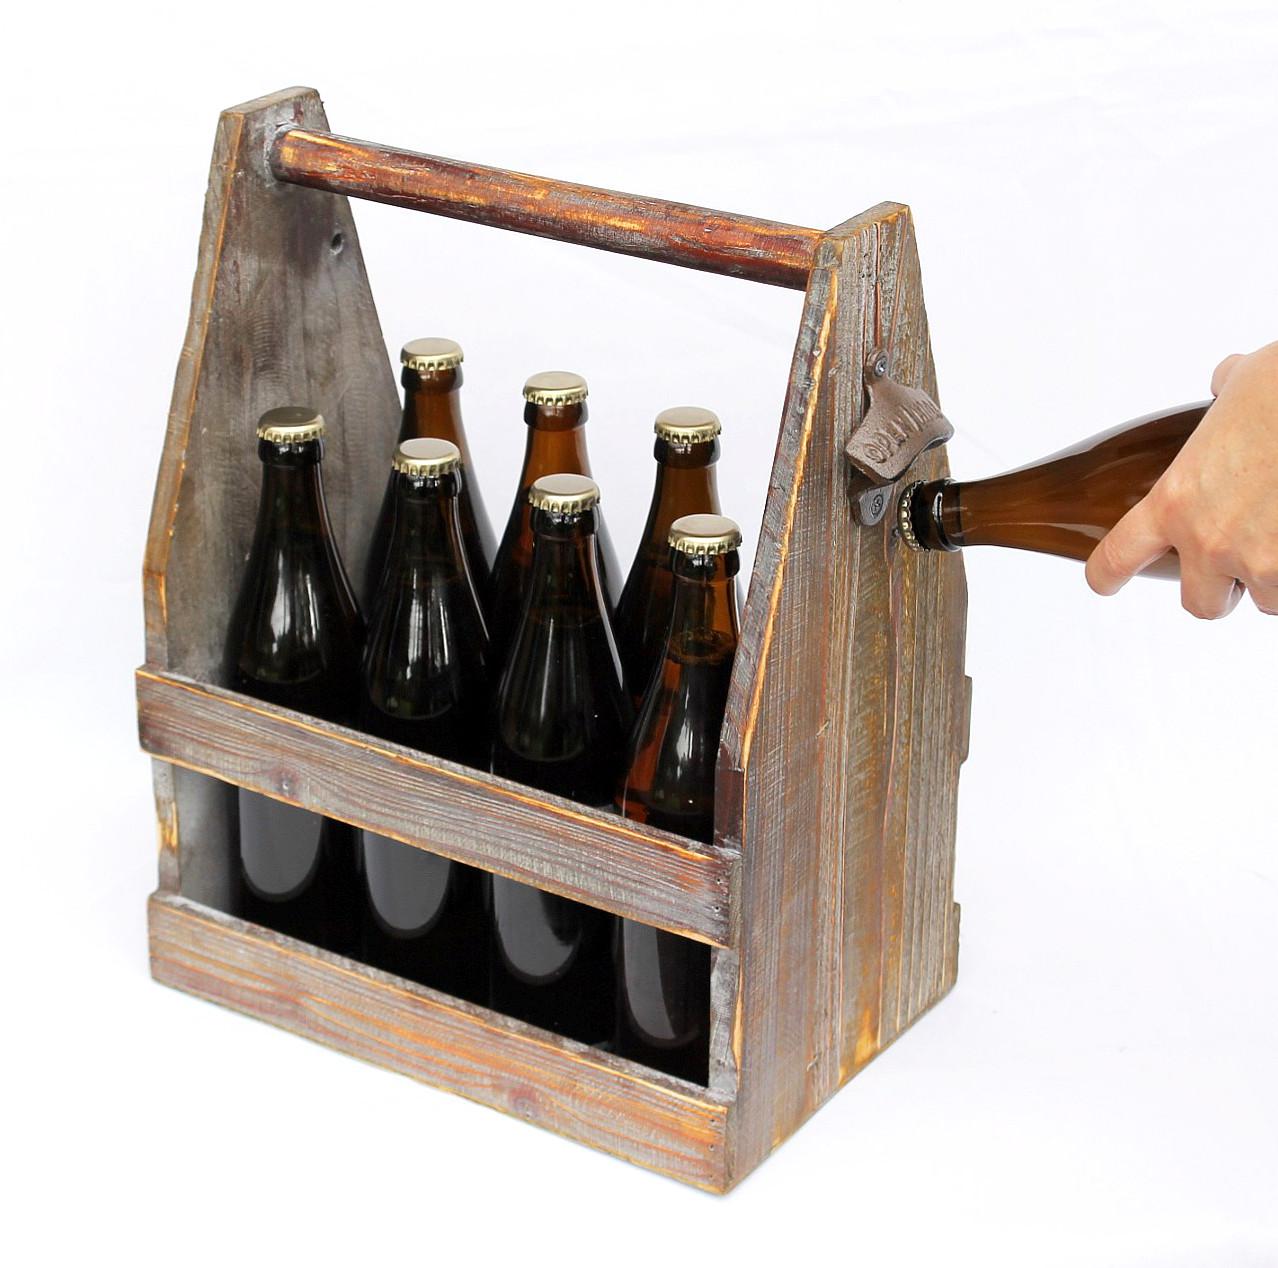 biertr ger mit flaschen ffner sehr robust und dekorativ mit platz f r 8 bierflaschen aus holz. Black Bedroom Furniture Sets. Home Design Ideas